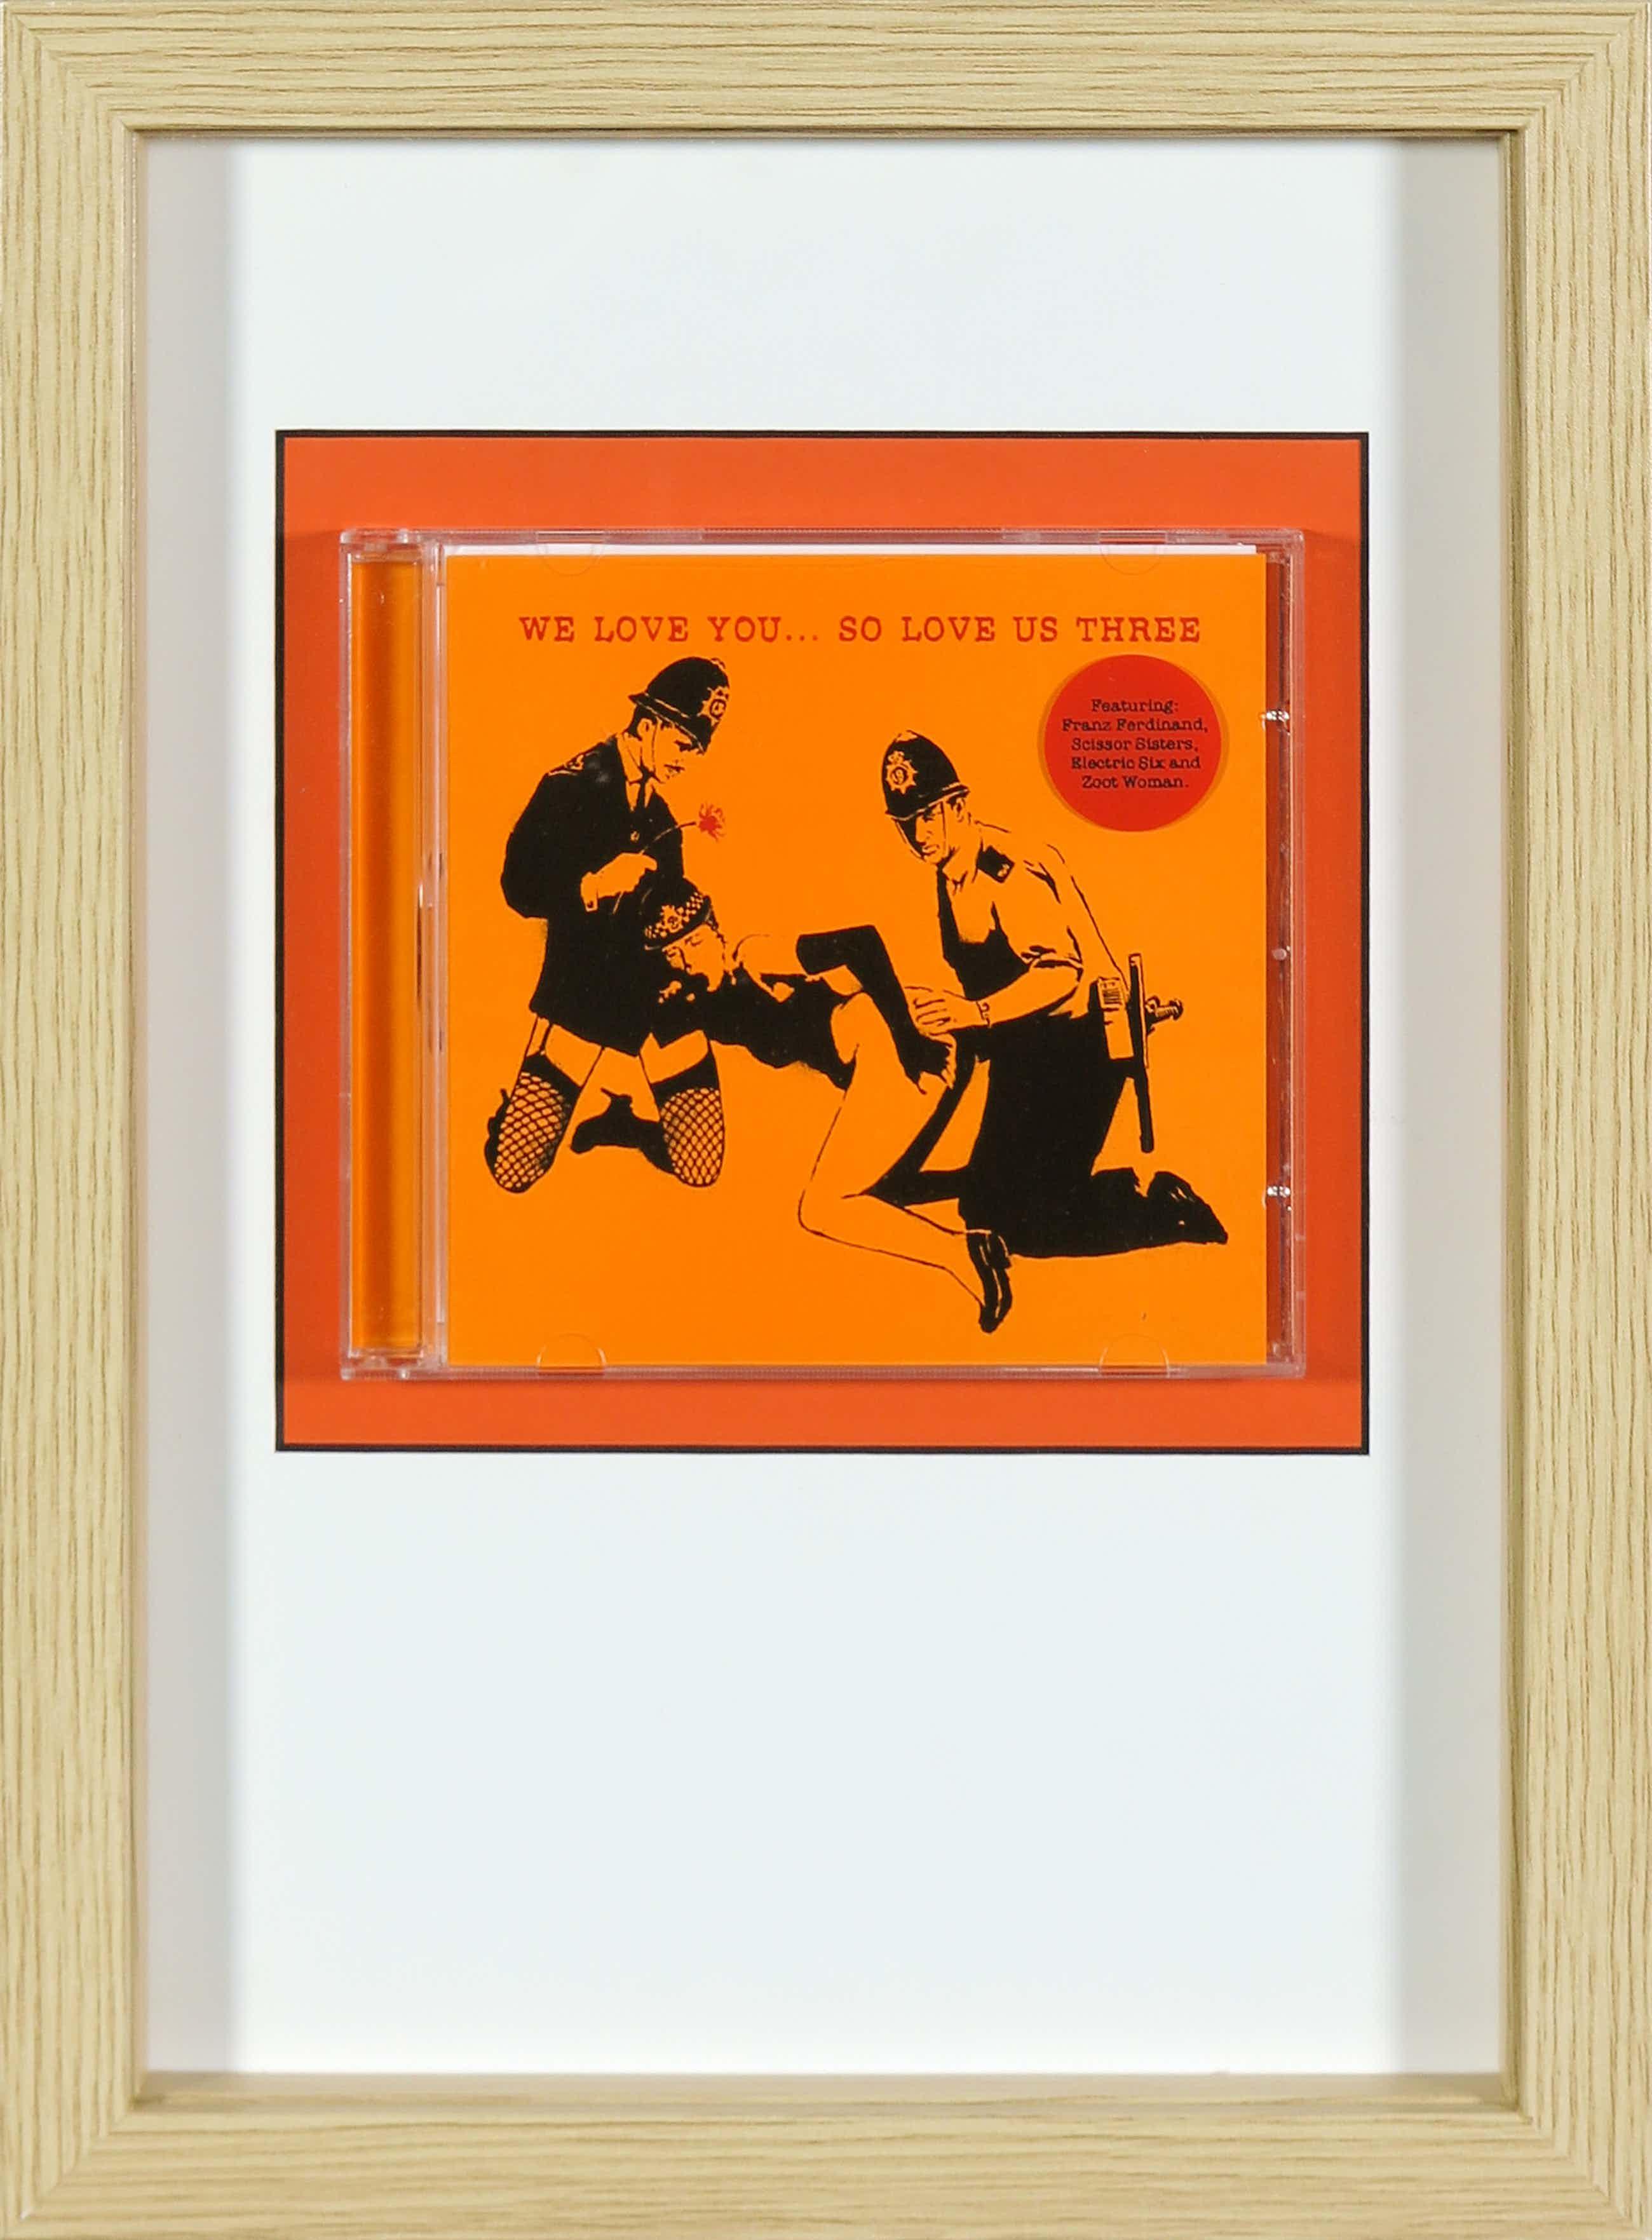 Banksy - We love you... so love us three (CD) kopen? Bied vanaf 45!